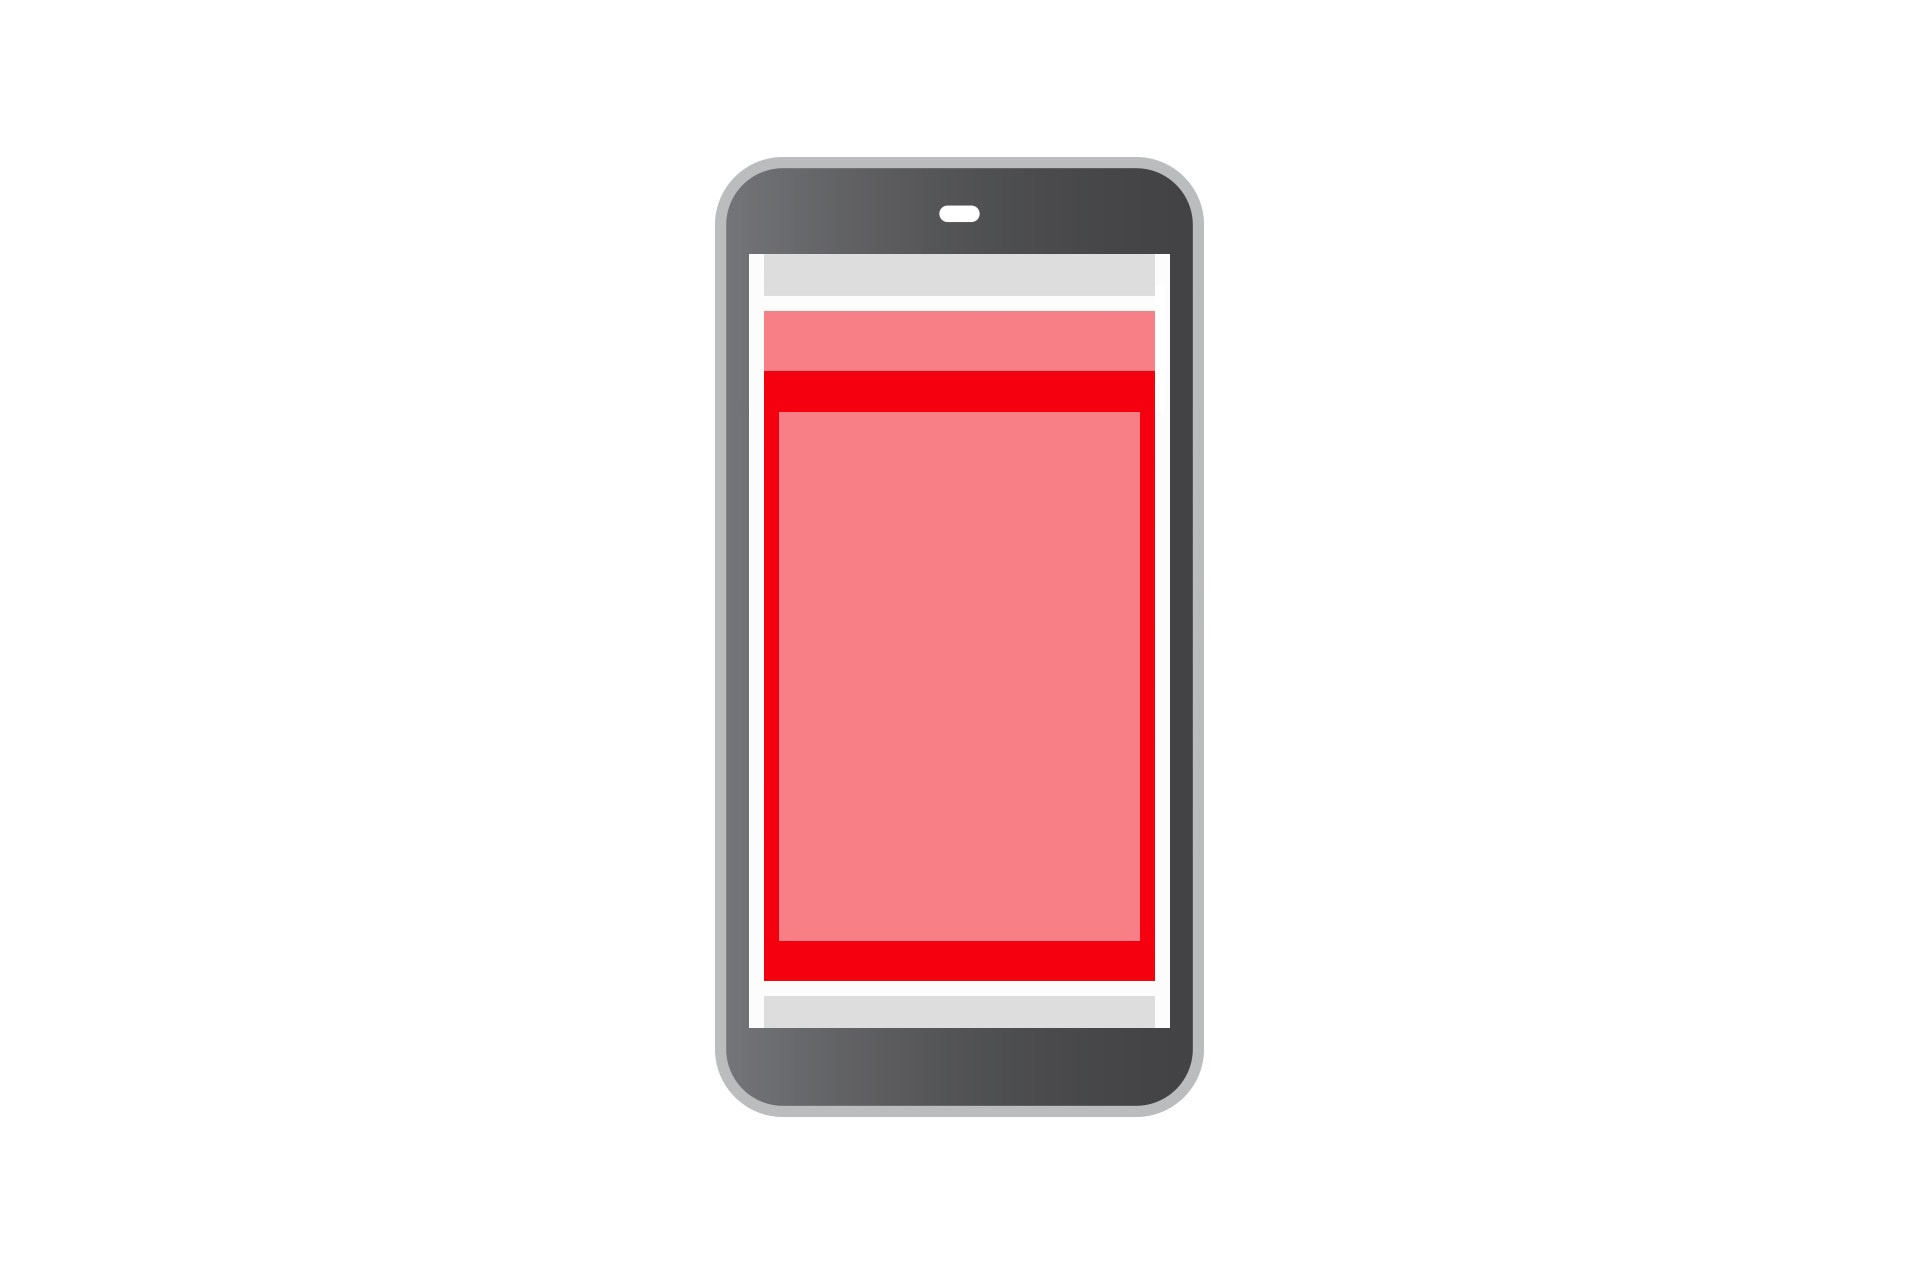 Mobil Digitalt Reklamblad